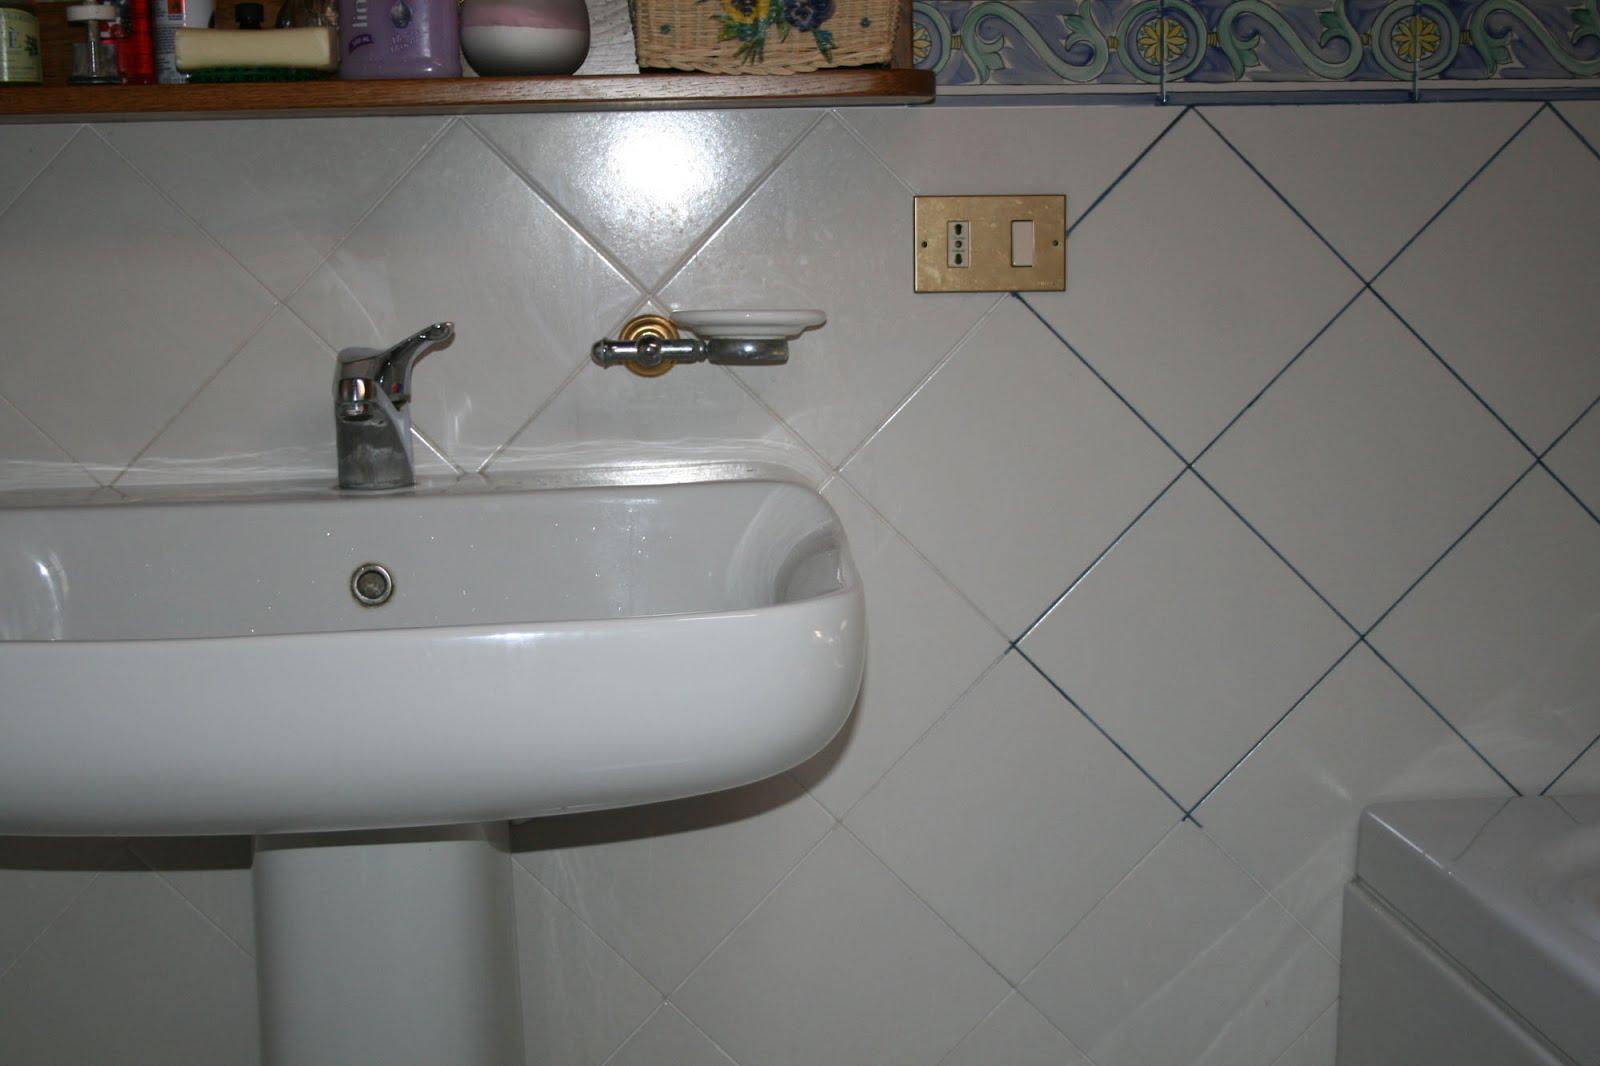 Creo decoro e rinnovo rinnovare il bagno - Rinnovare il bagno ...